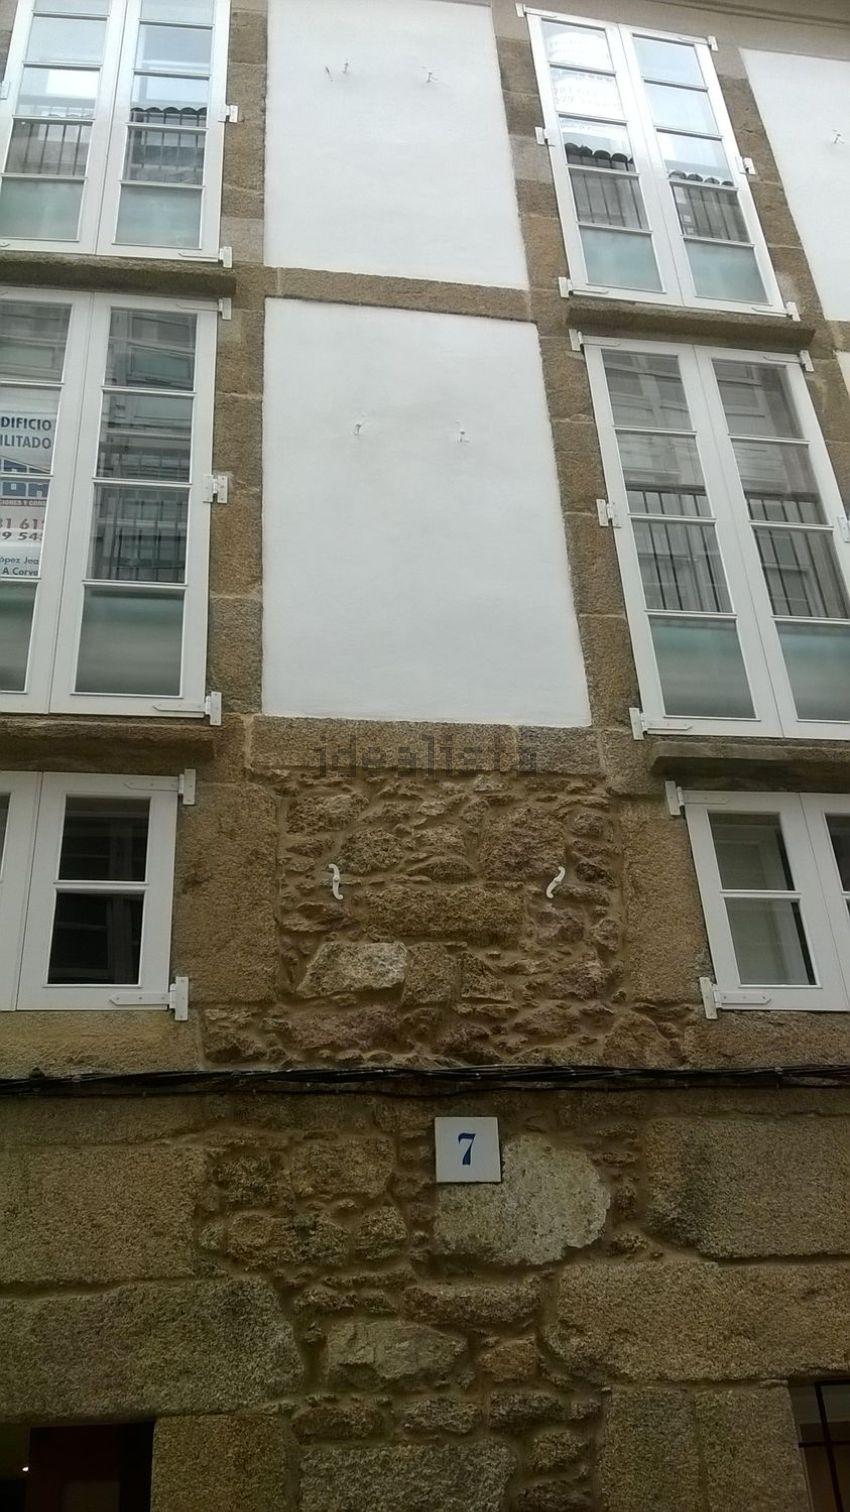 Estudio en calle de santa maría, 7, Ciudad Vieja - Centro, A Coruña